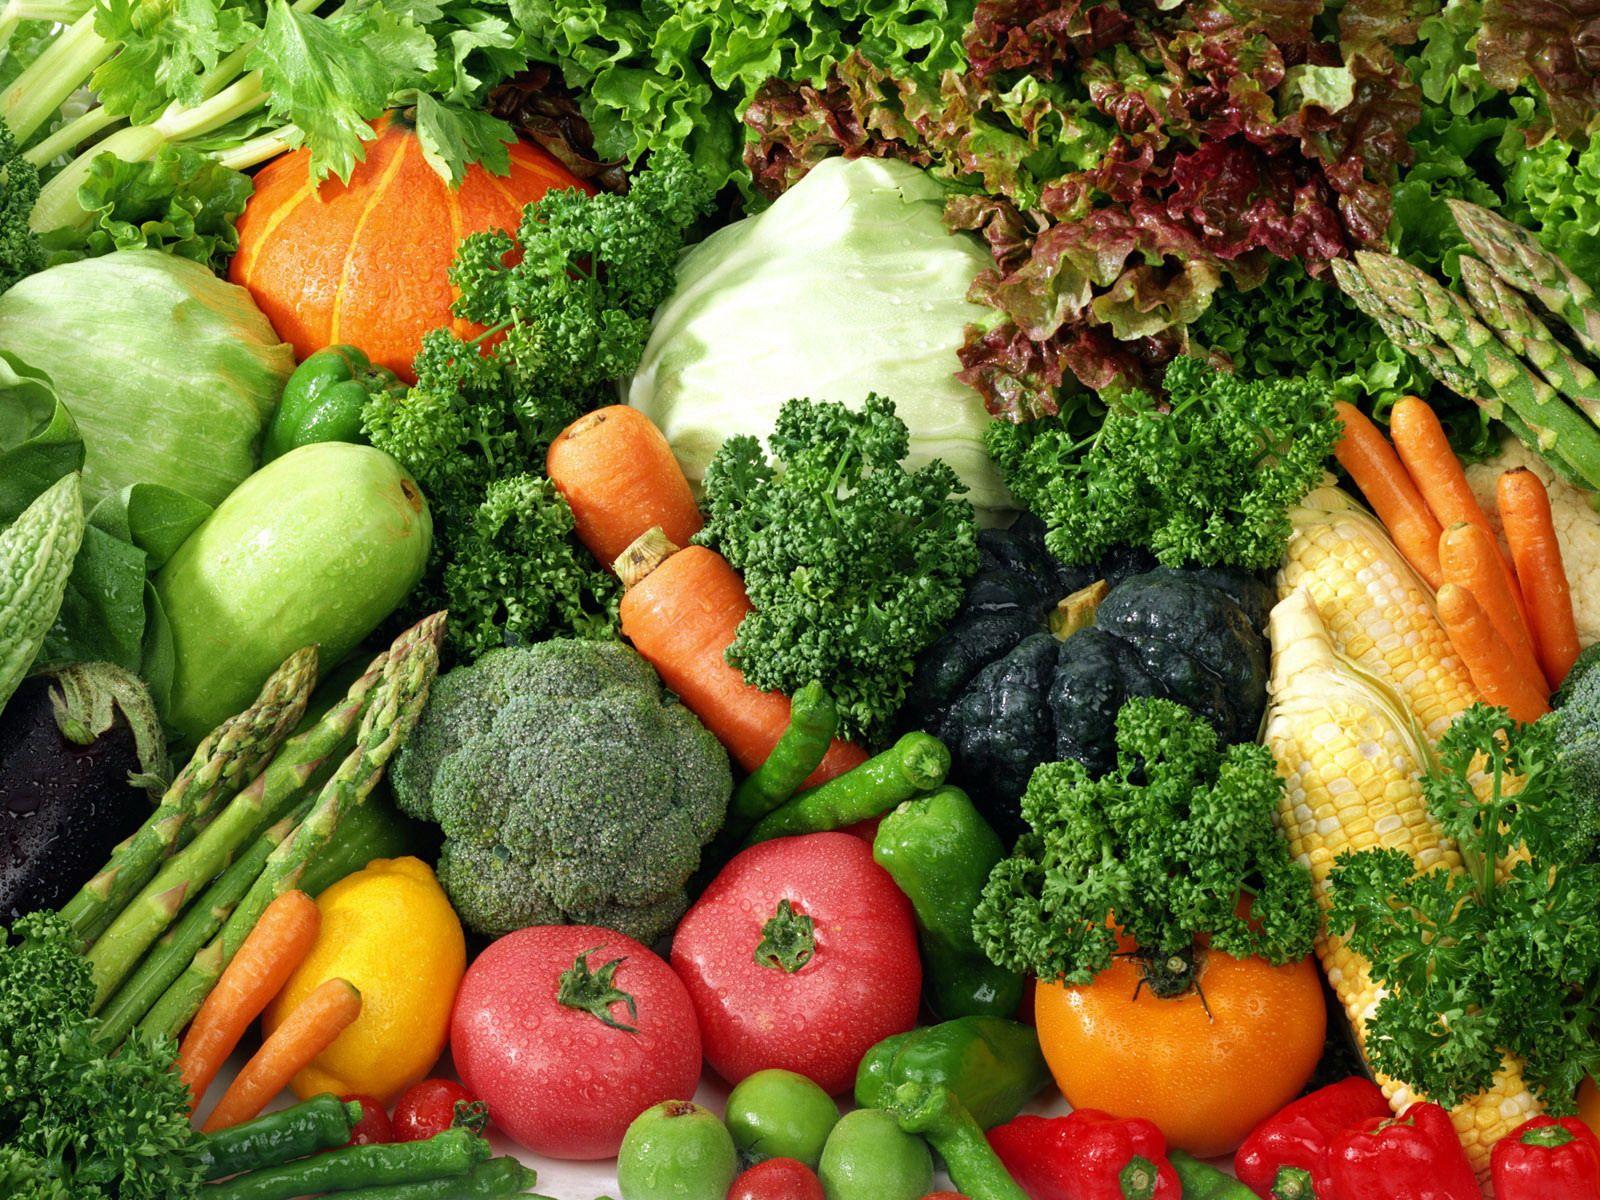 Toamna este sezonul fructelor şi al legumelor. Să profităm de aceste daruri ale naturii